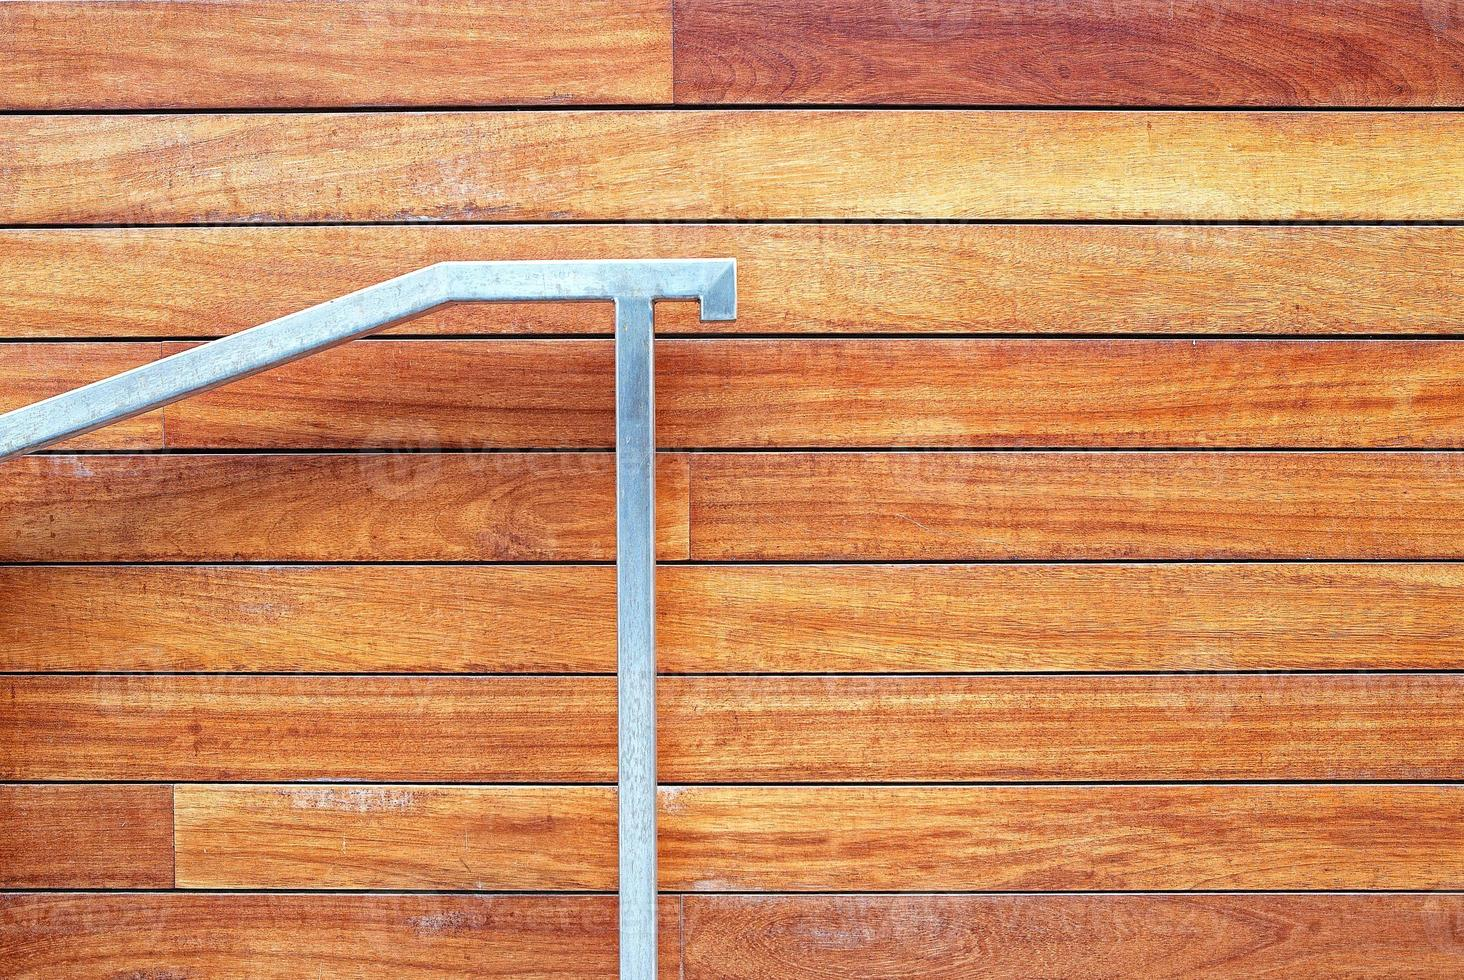 metallräcke på träbakgrundsfasader foto